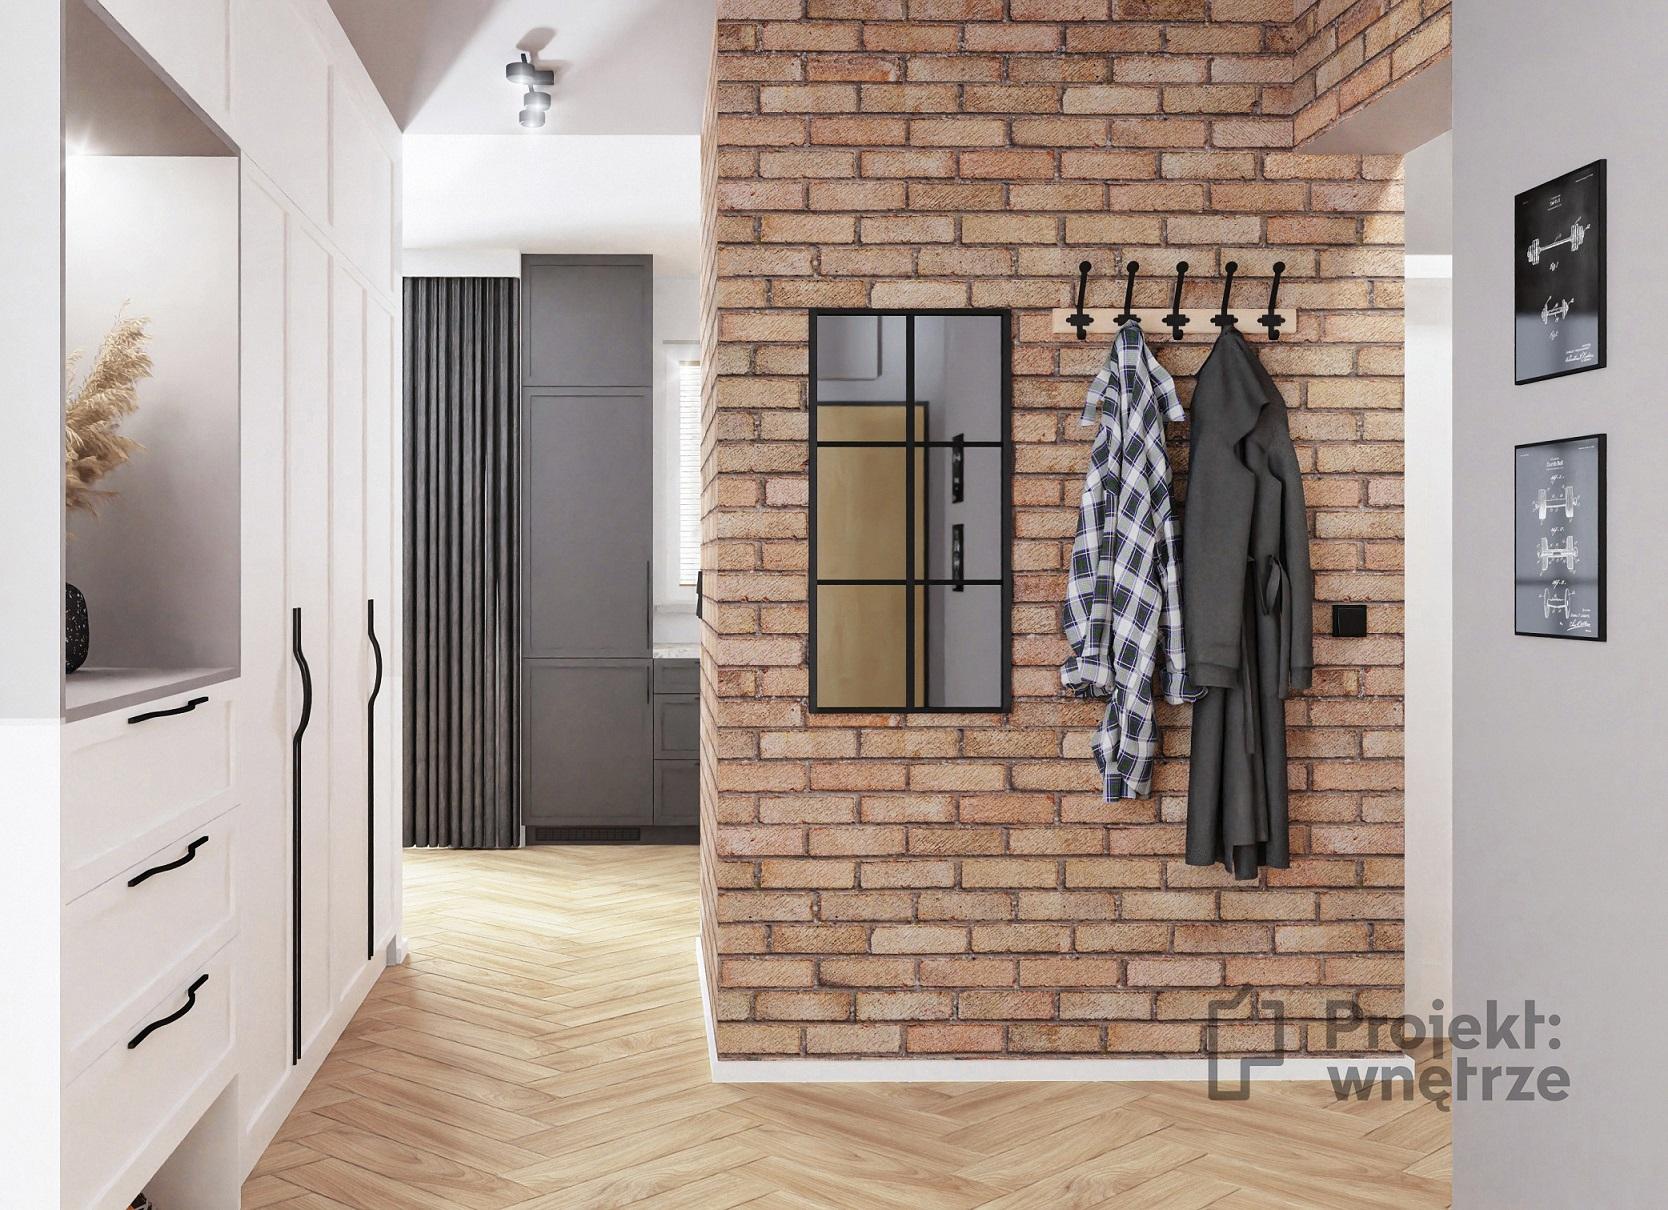 Projekt wnętrze mieszkanie w stylu loft korytarz hol cegła lustro loft biała wysoka zabudowa panele winylowe jodełka (2)